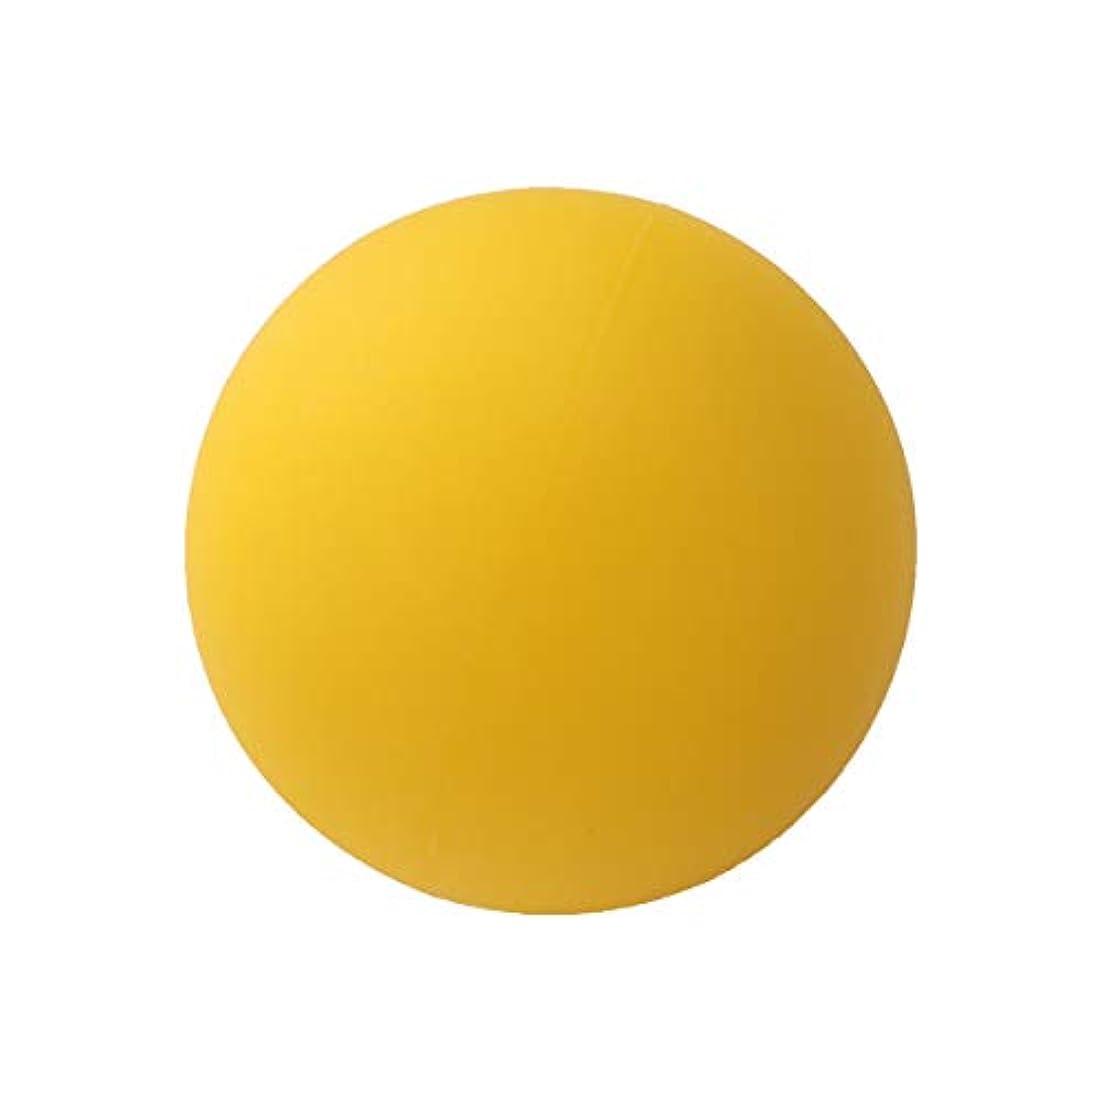 異形ケーブルカー発掘VORCOOL マッサージボール ヨガ ストレッチボール トリガーポイント 筋膜リリース トレーニング 背中 肩こり 腰 ふくらはぎ 足裏 ツボ押しグッズ 物理 マッサージ 療法ボール